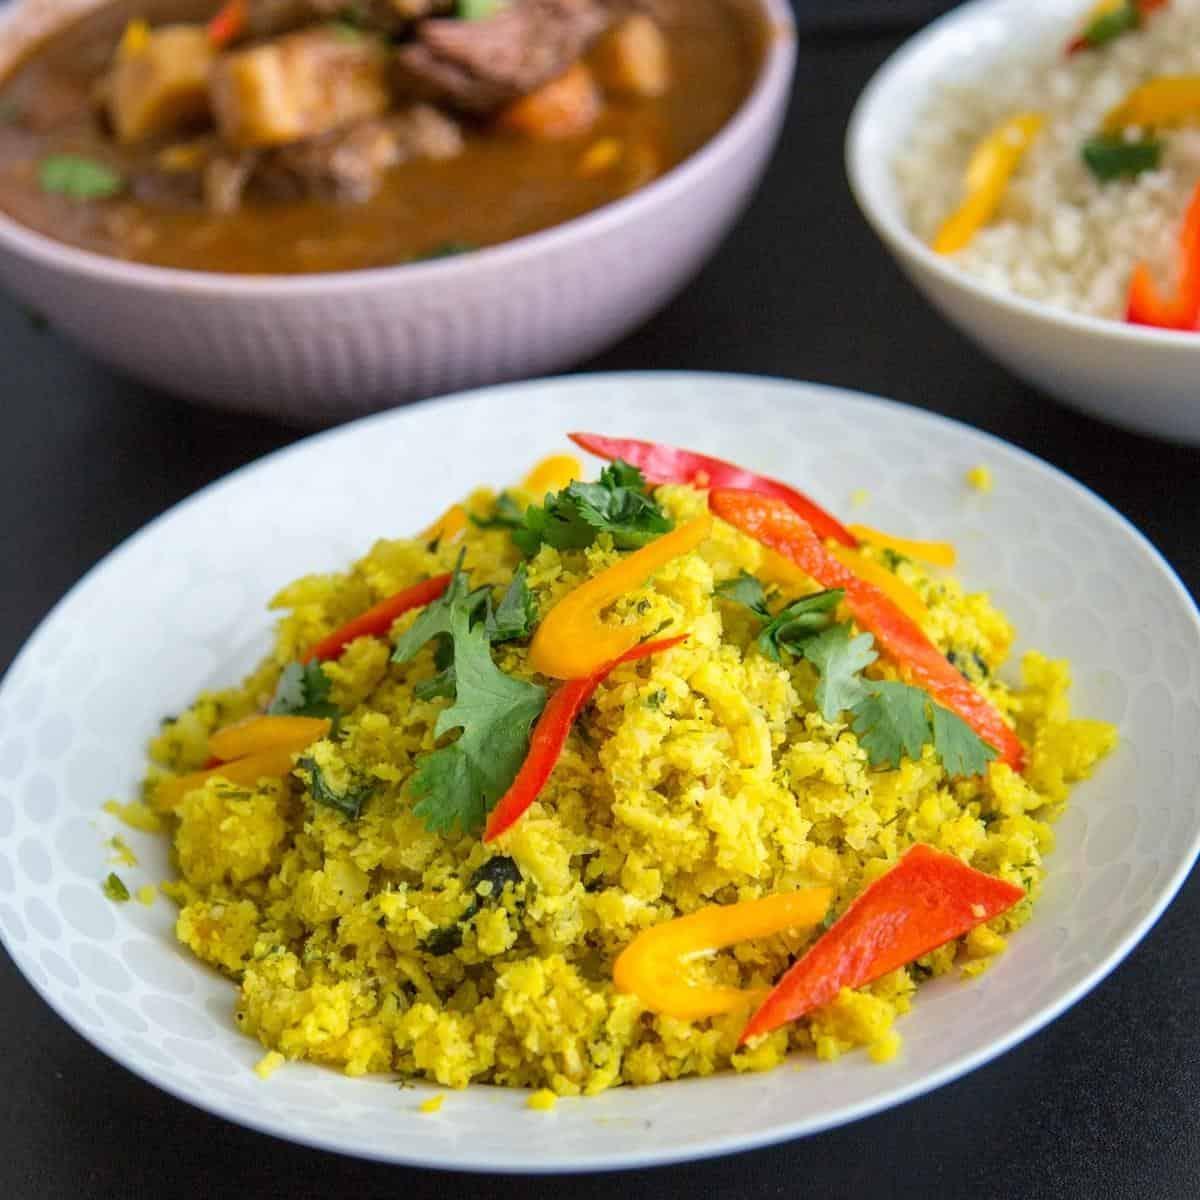 Cauliflower rice pilaf in a bowl